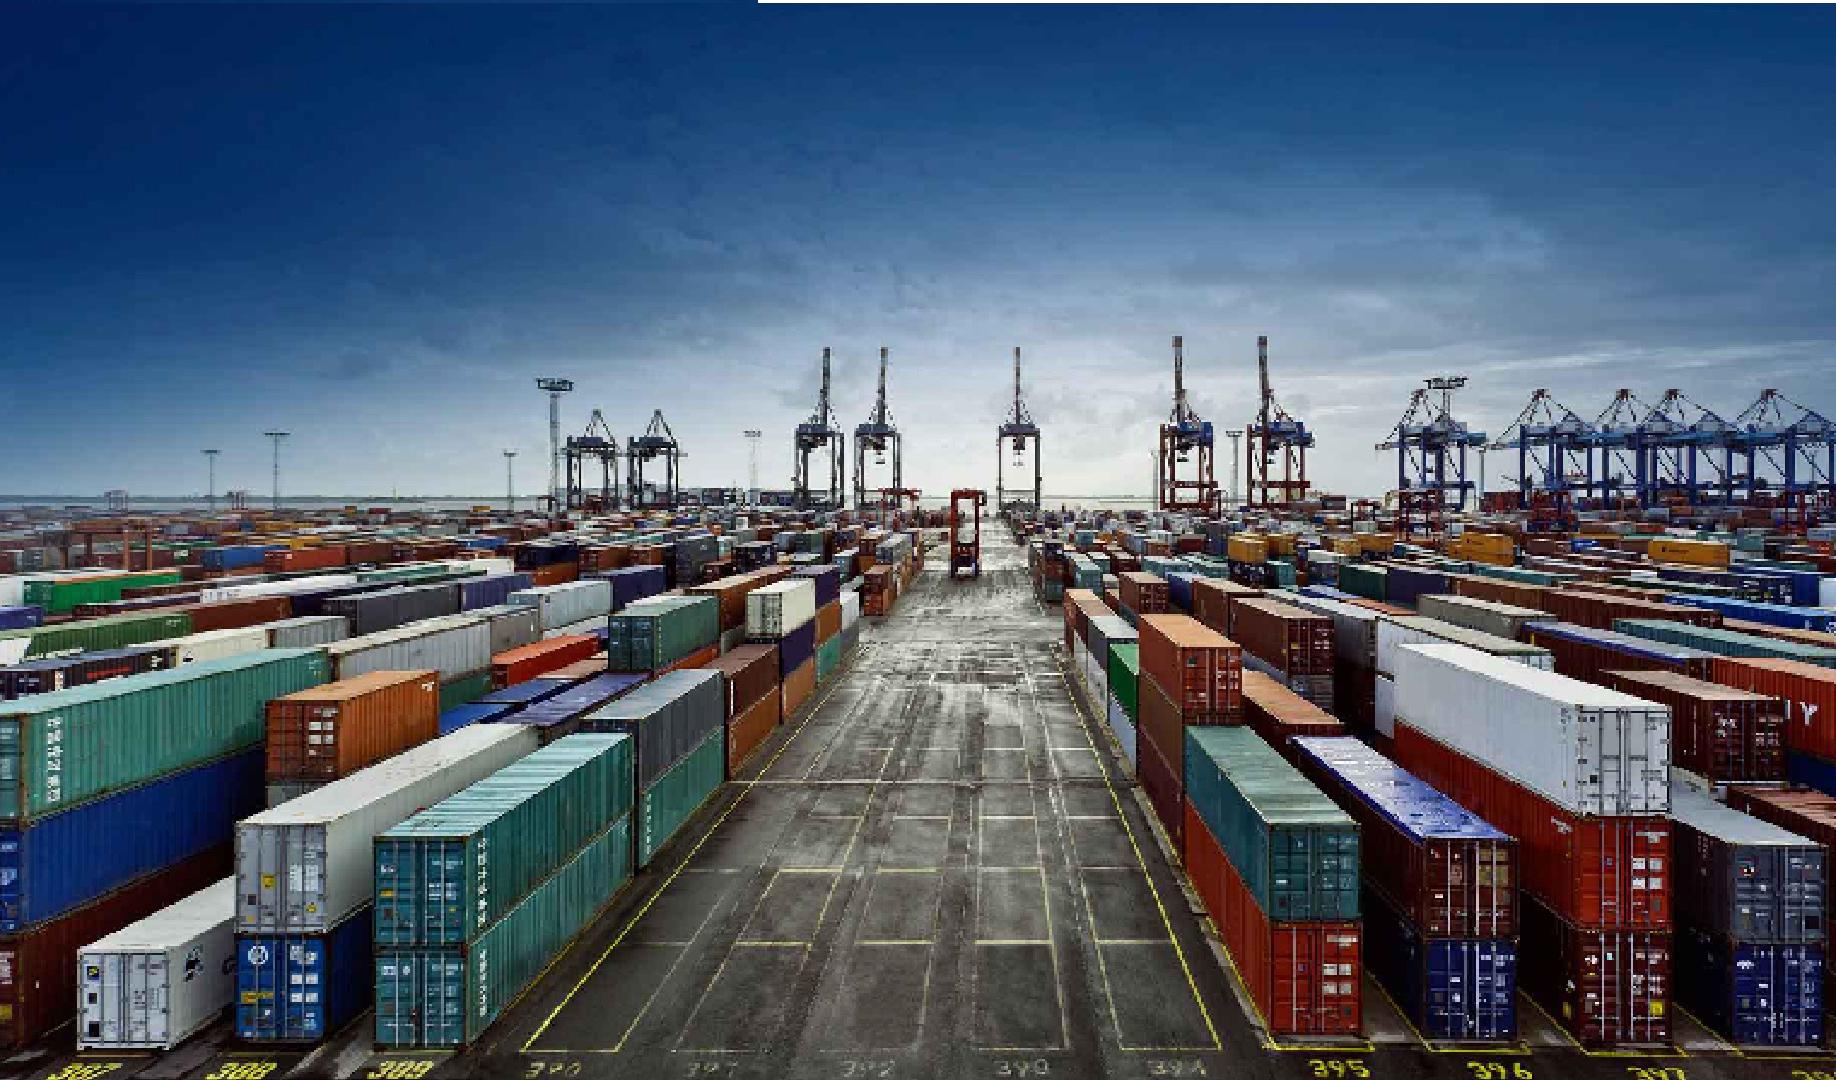 پیشبینی صادرات ۸۰ تا ۱۰۰ درصدی ۲۱ استان به ۱۵ کشور همسایه در سال ۹۹